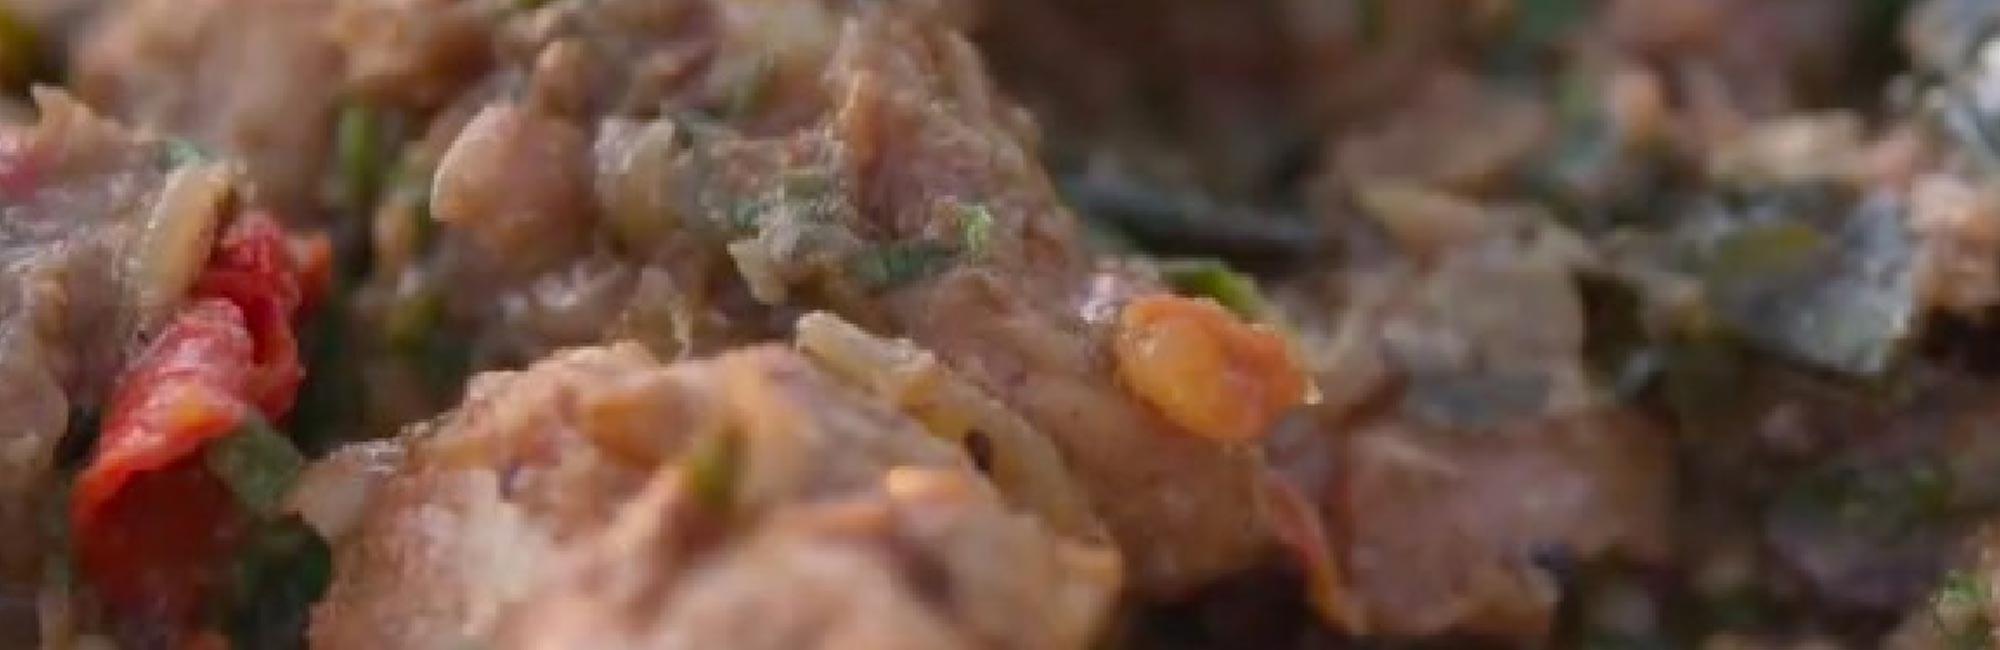 Fijian Indian Chicken Curry Recipe